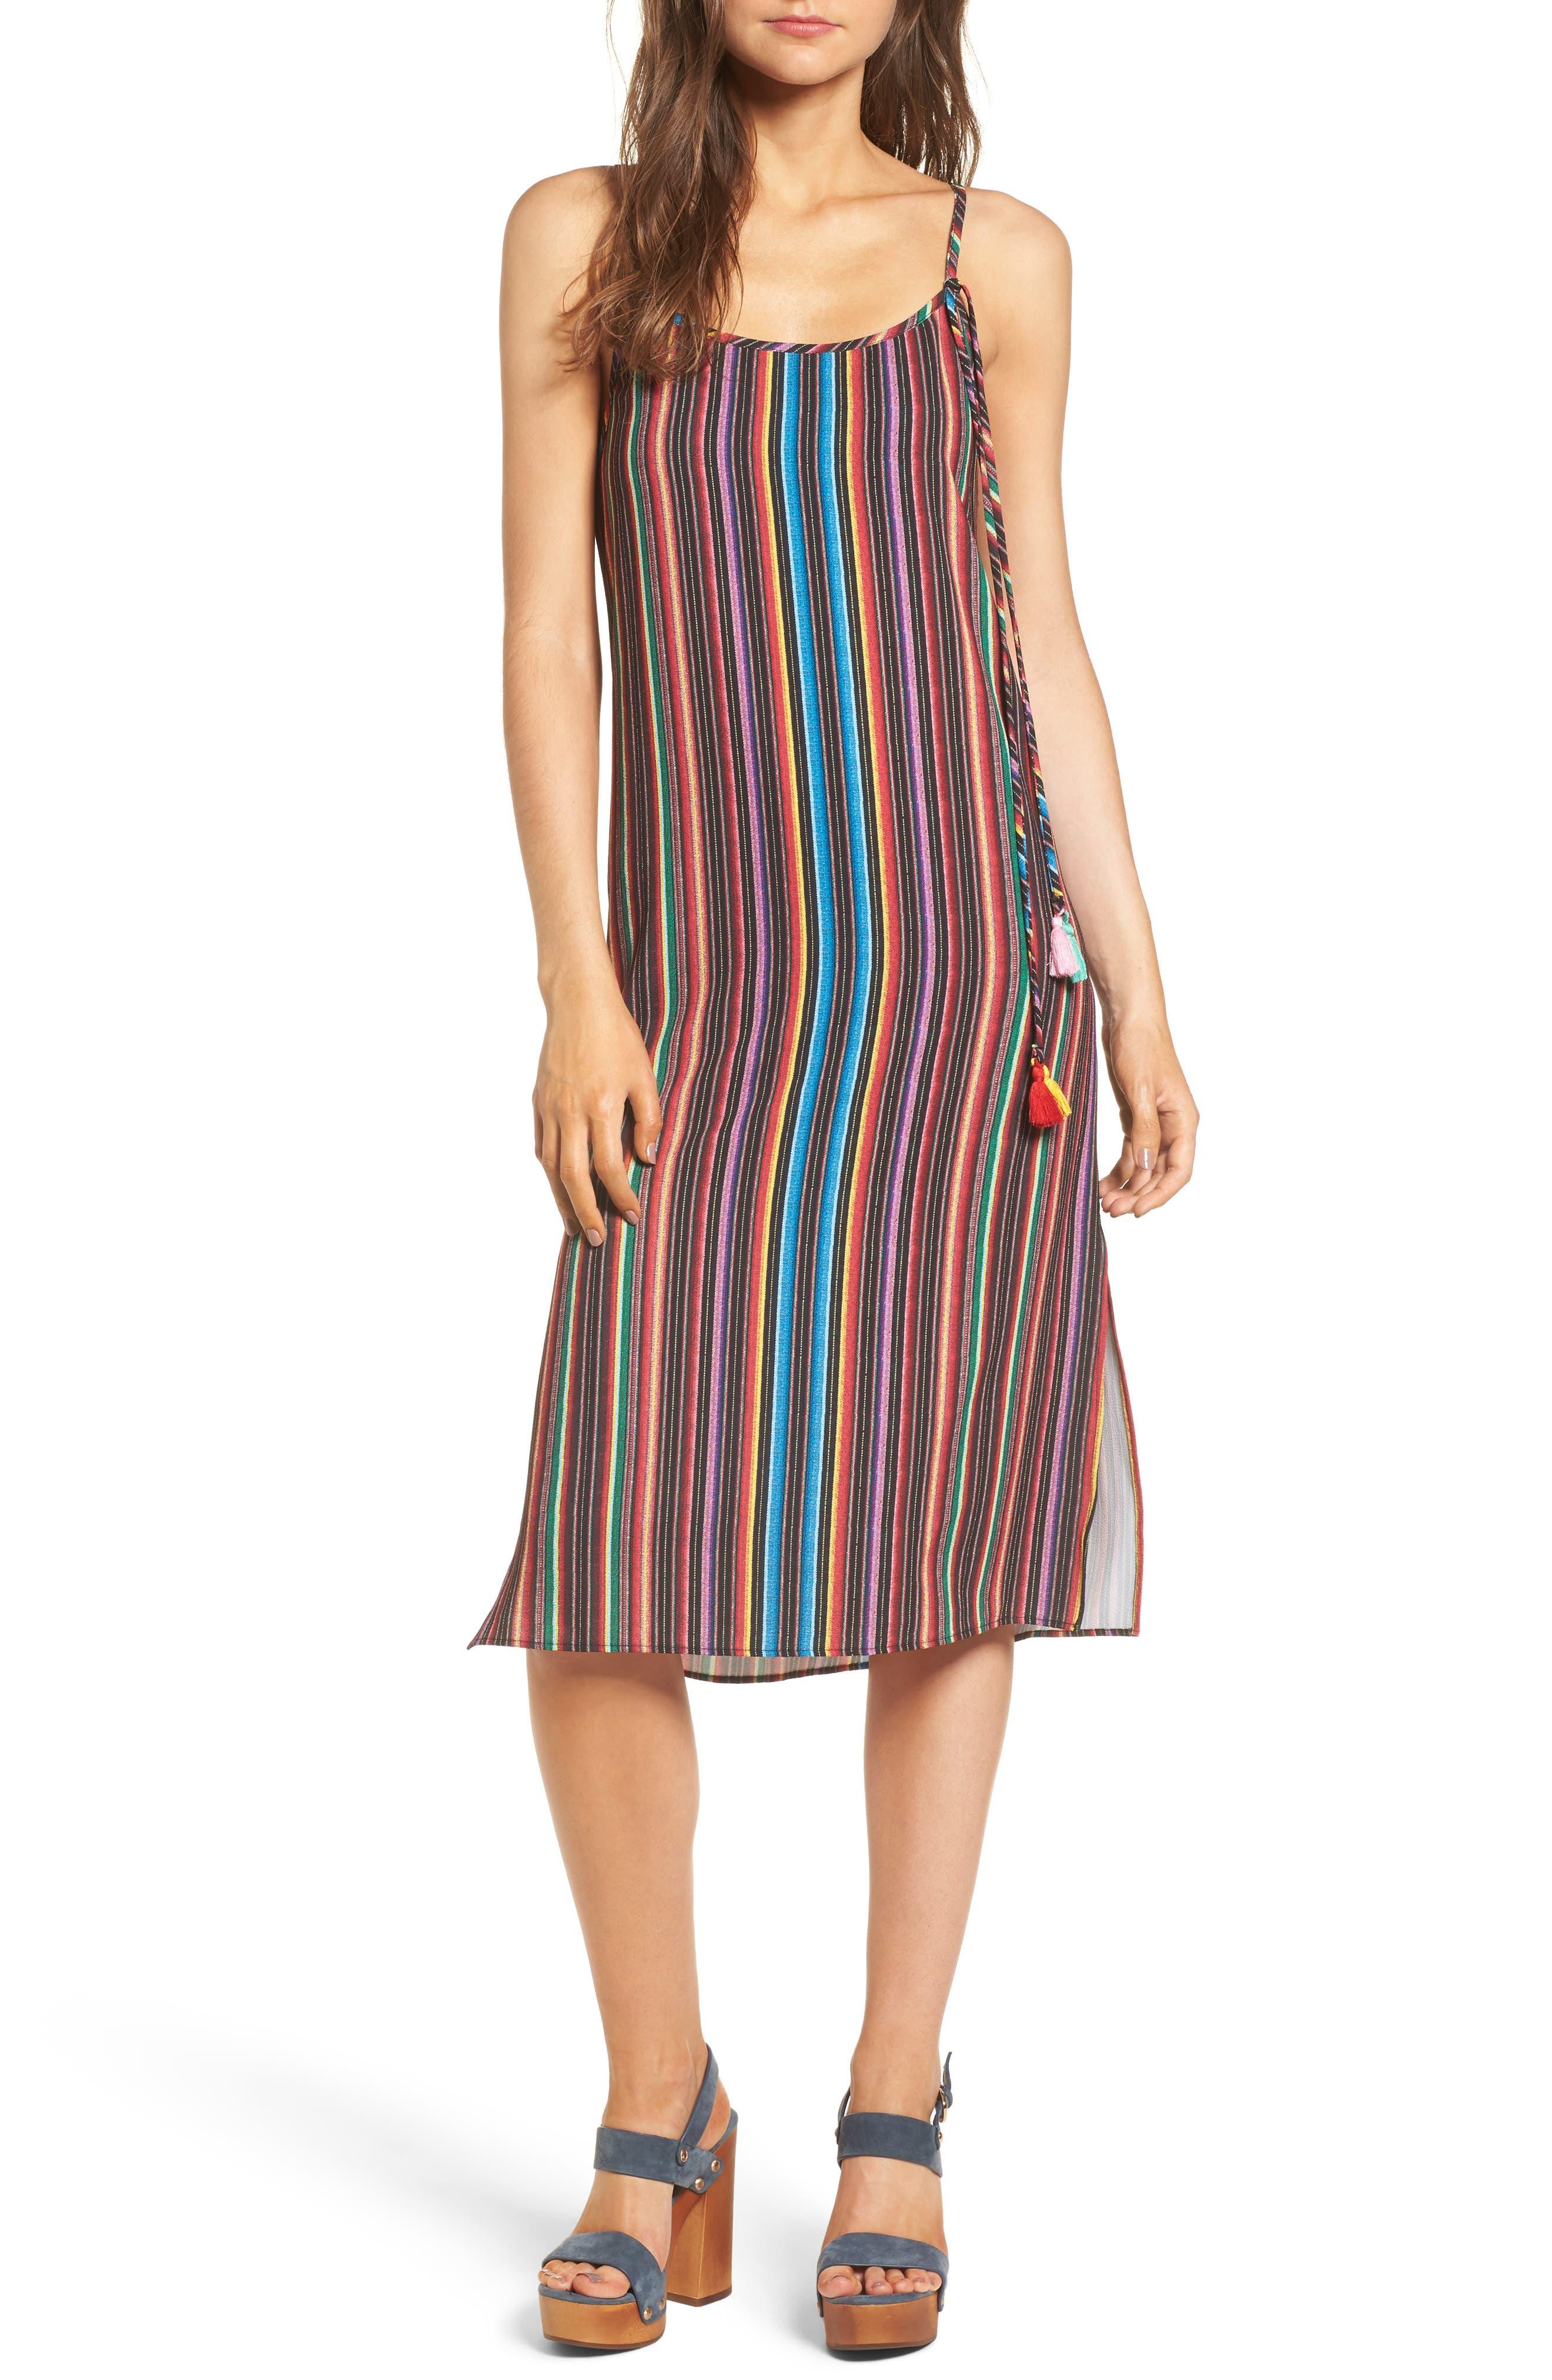 Shiloh Tassel Slipdress,                         Main,                         color, Siesta Siesta Stripe